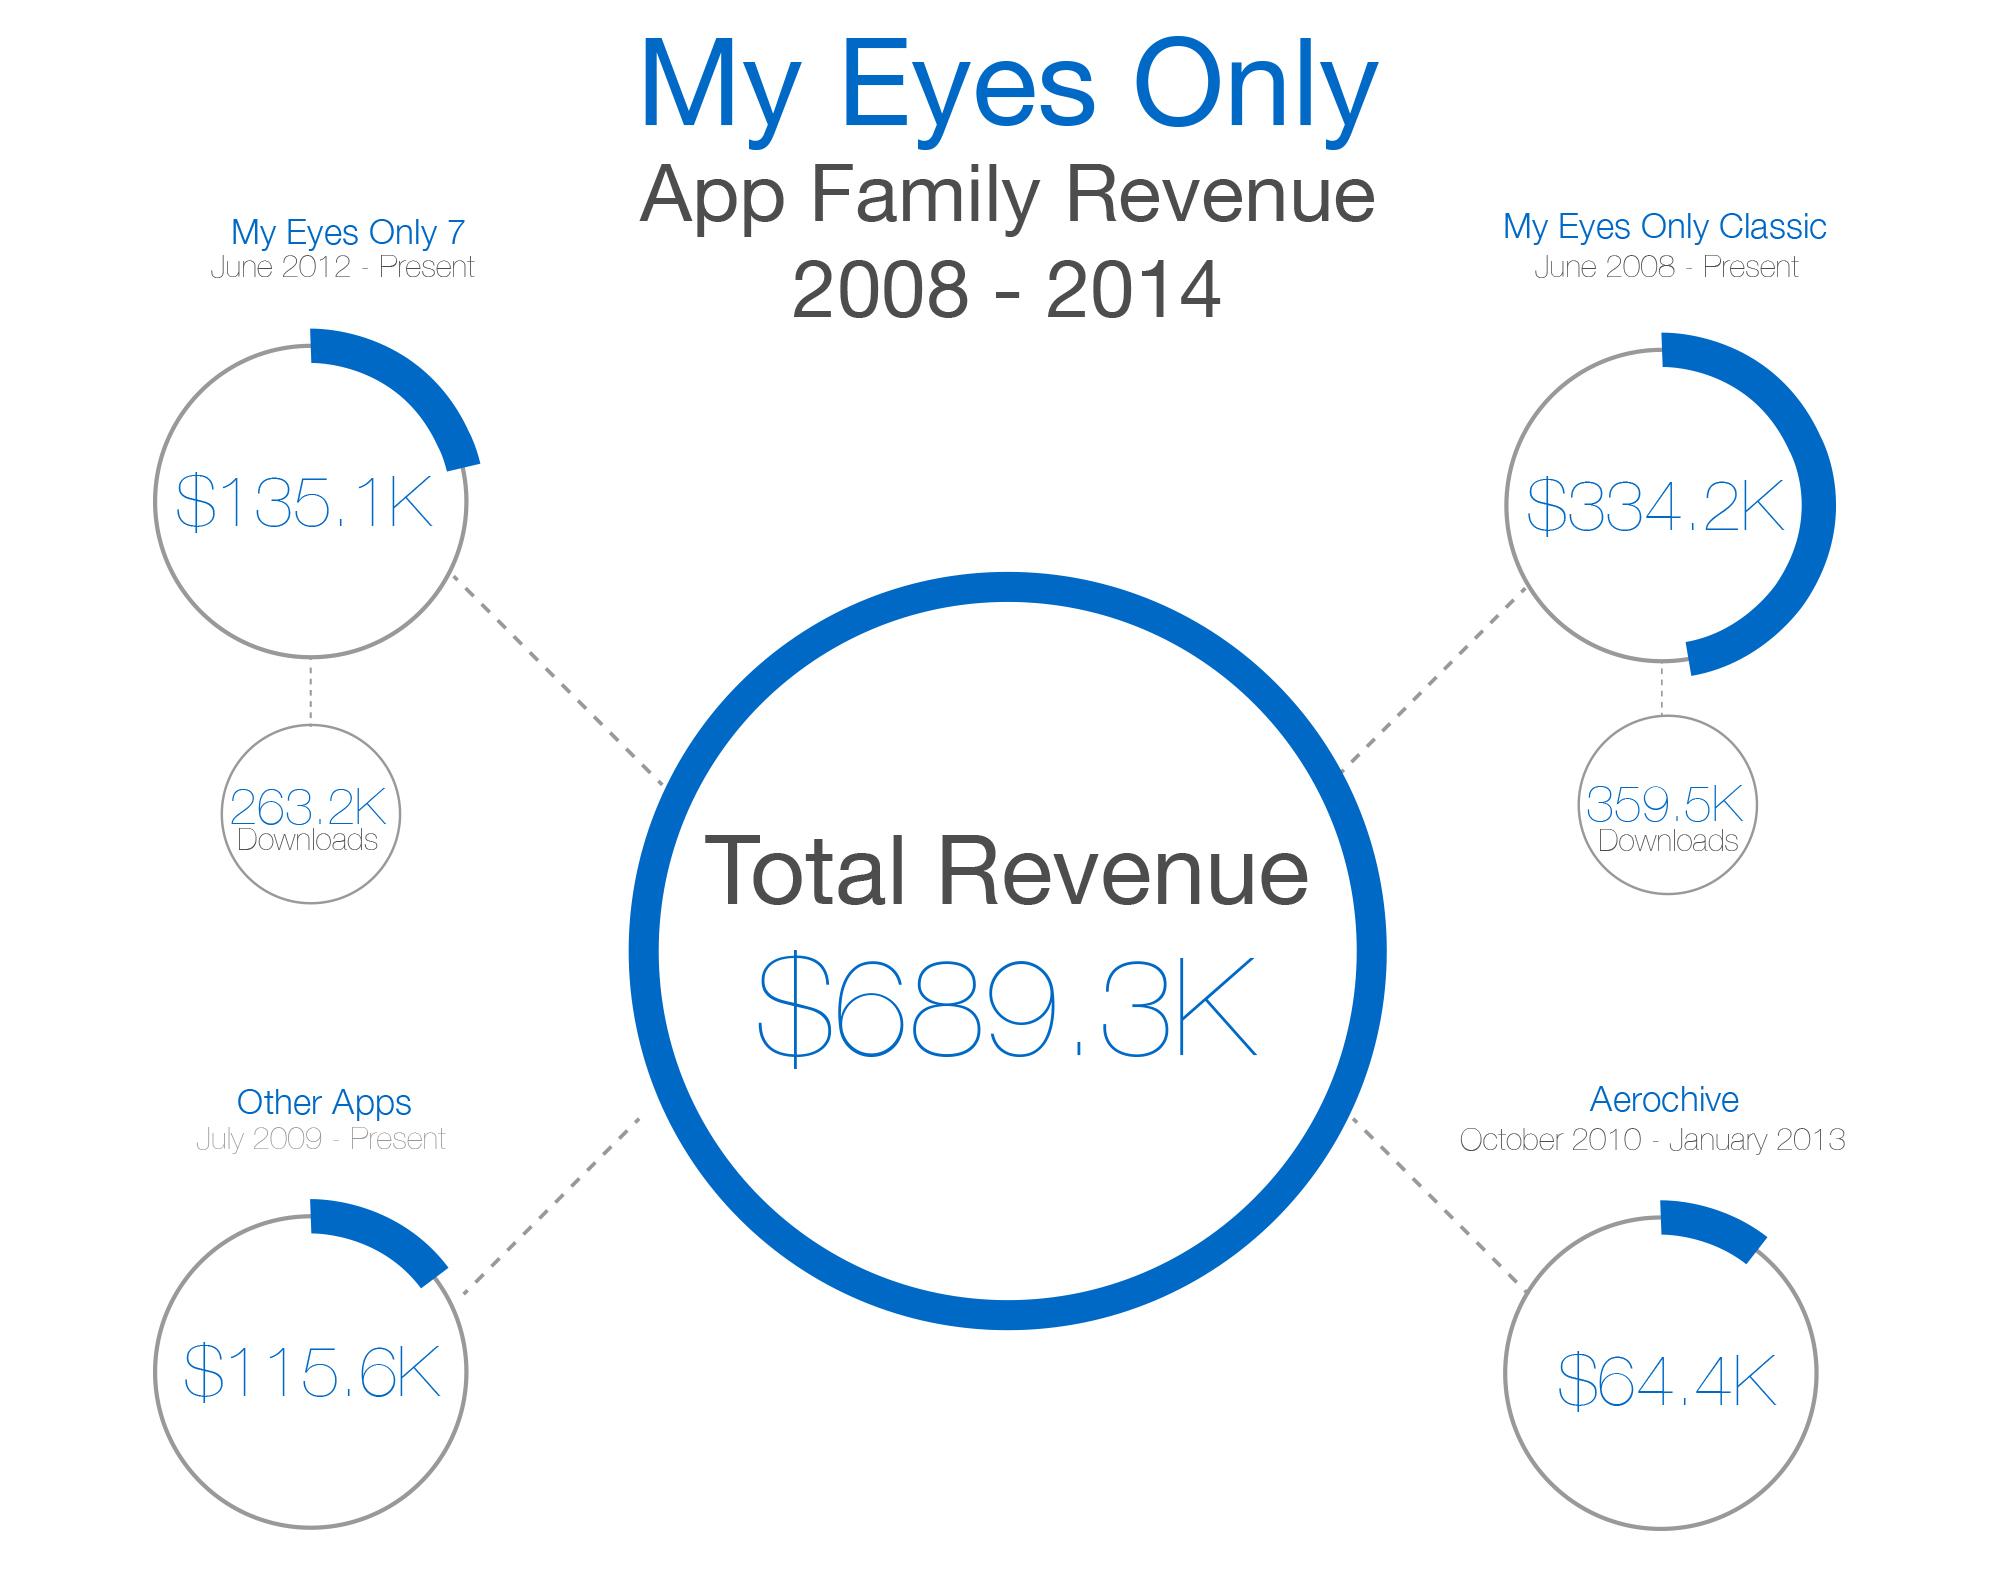 My-Eyes-Only-App-6-year-revenues.jpg